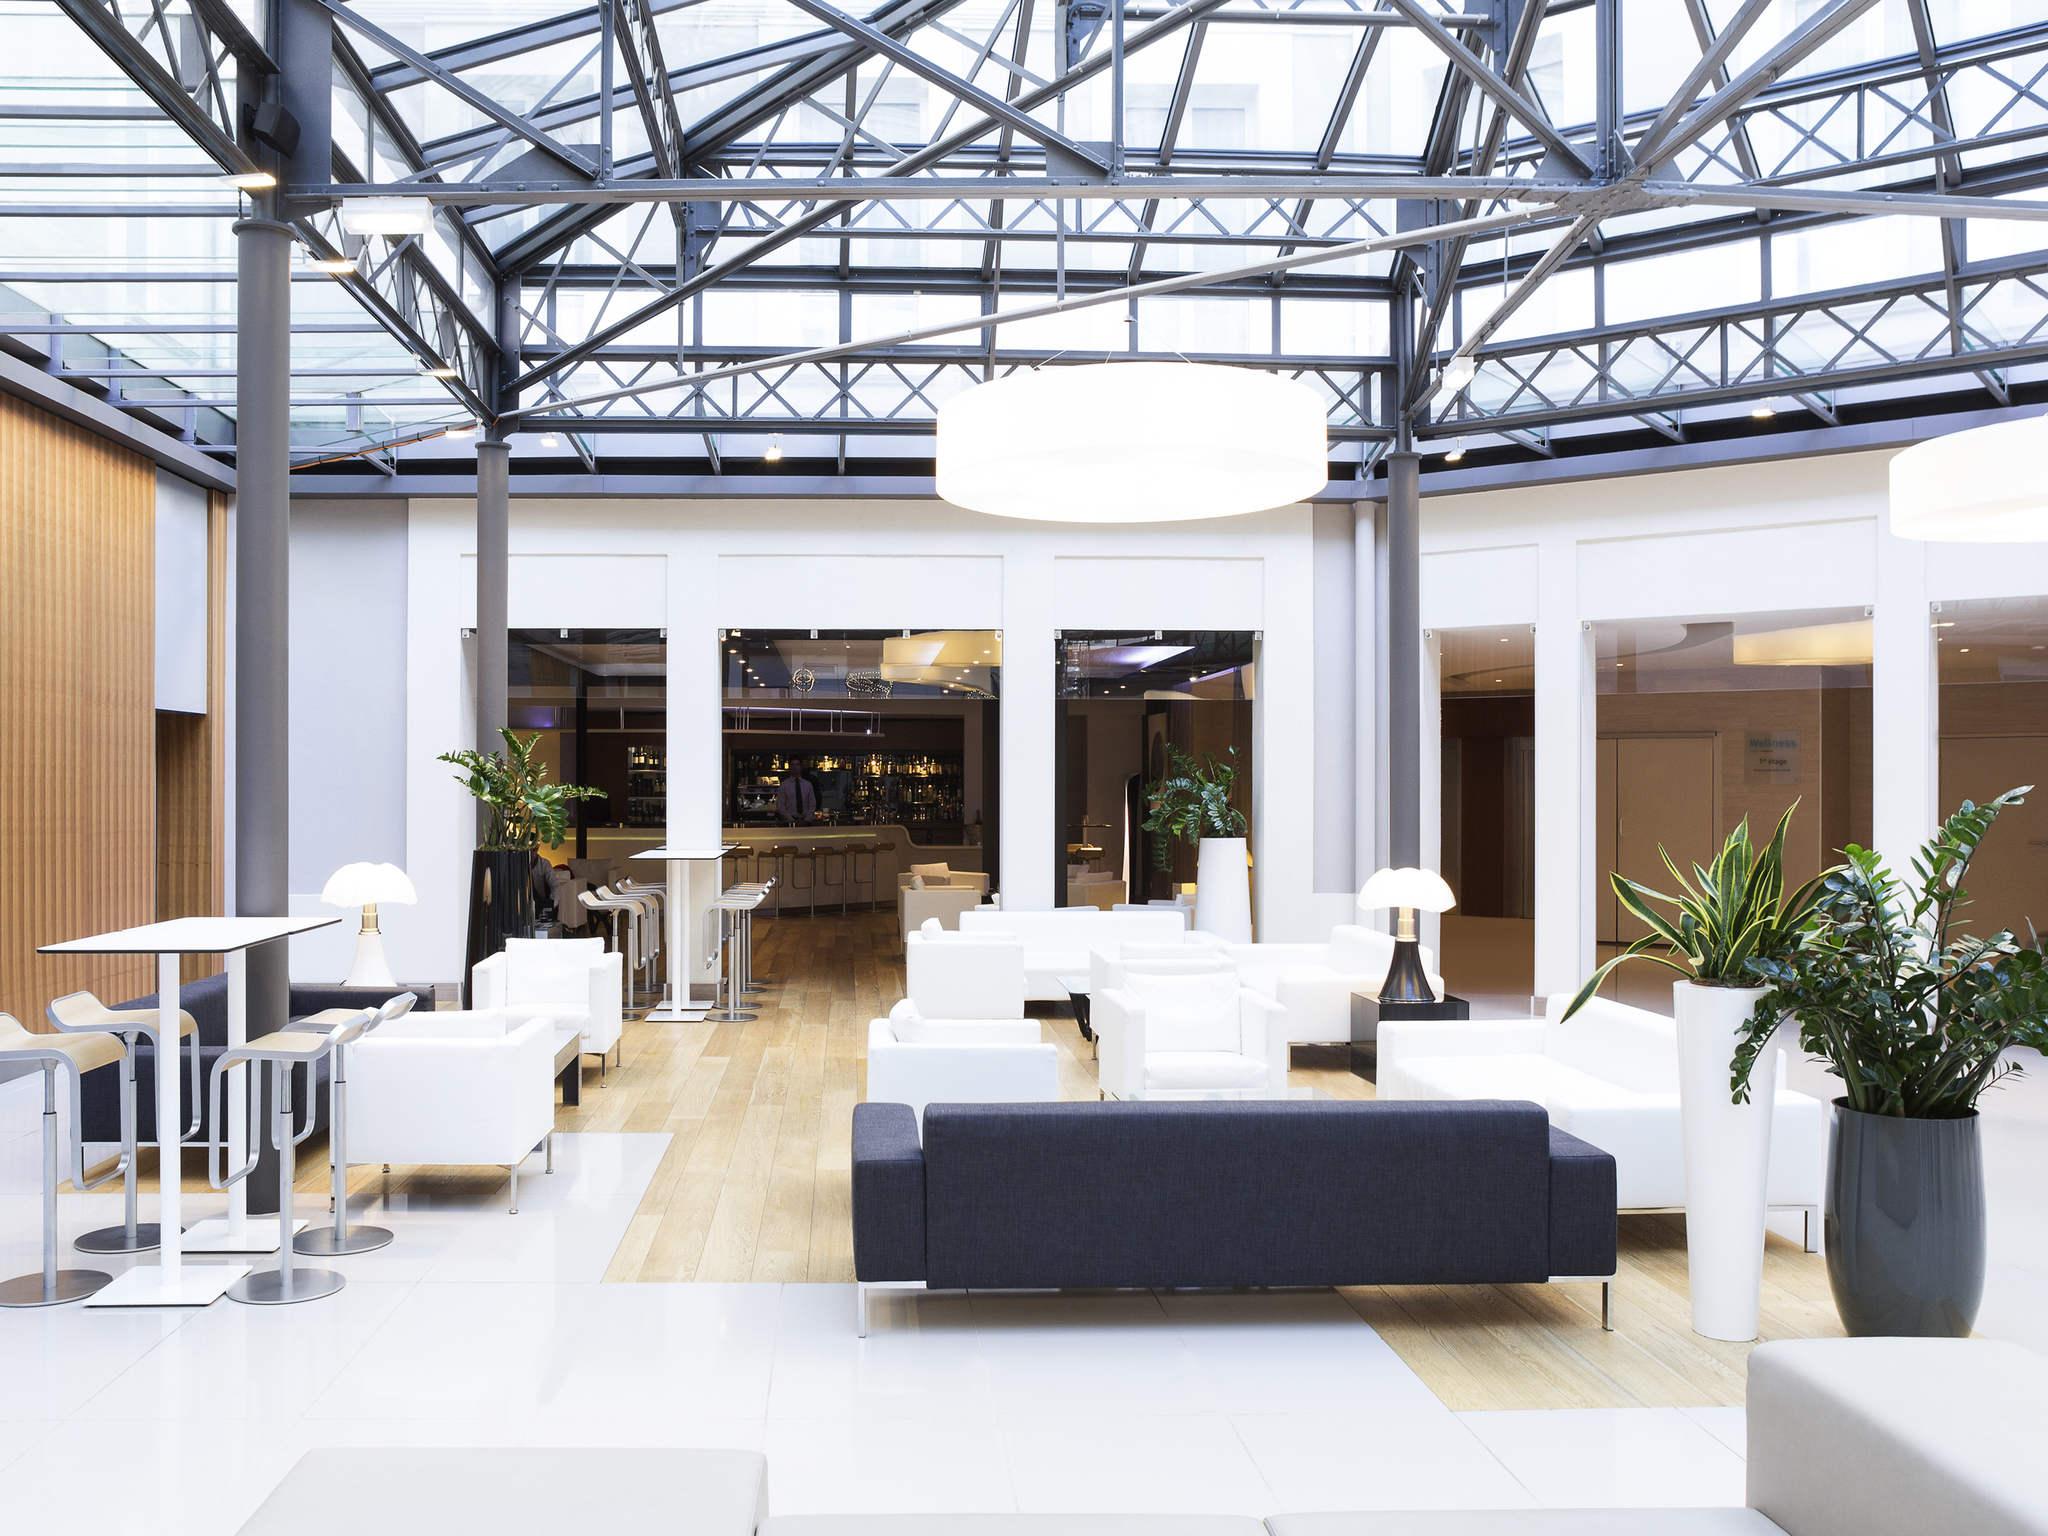 酒店 – 图卢兹中心威尔逊诺富特酒店